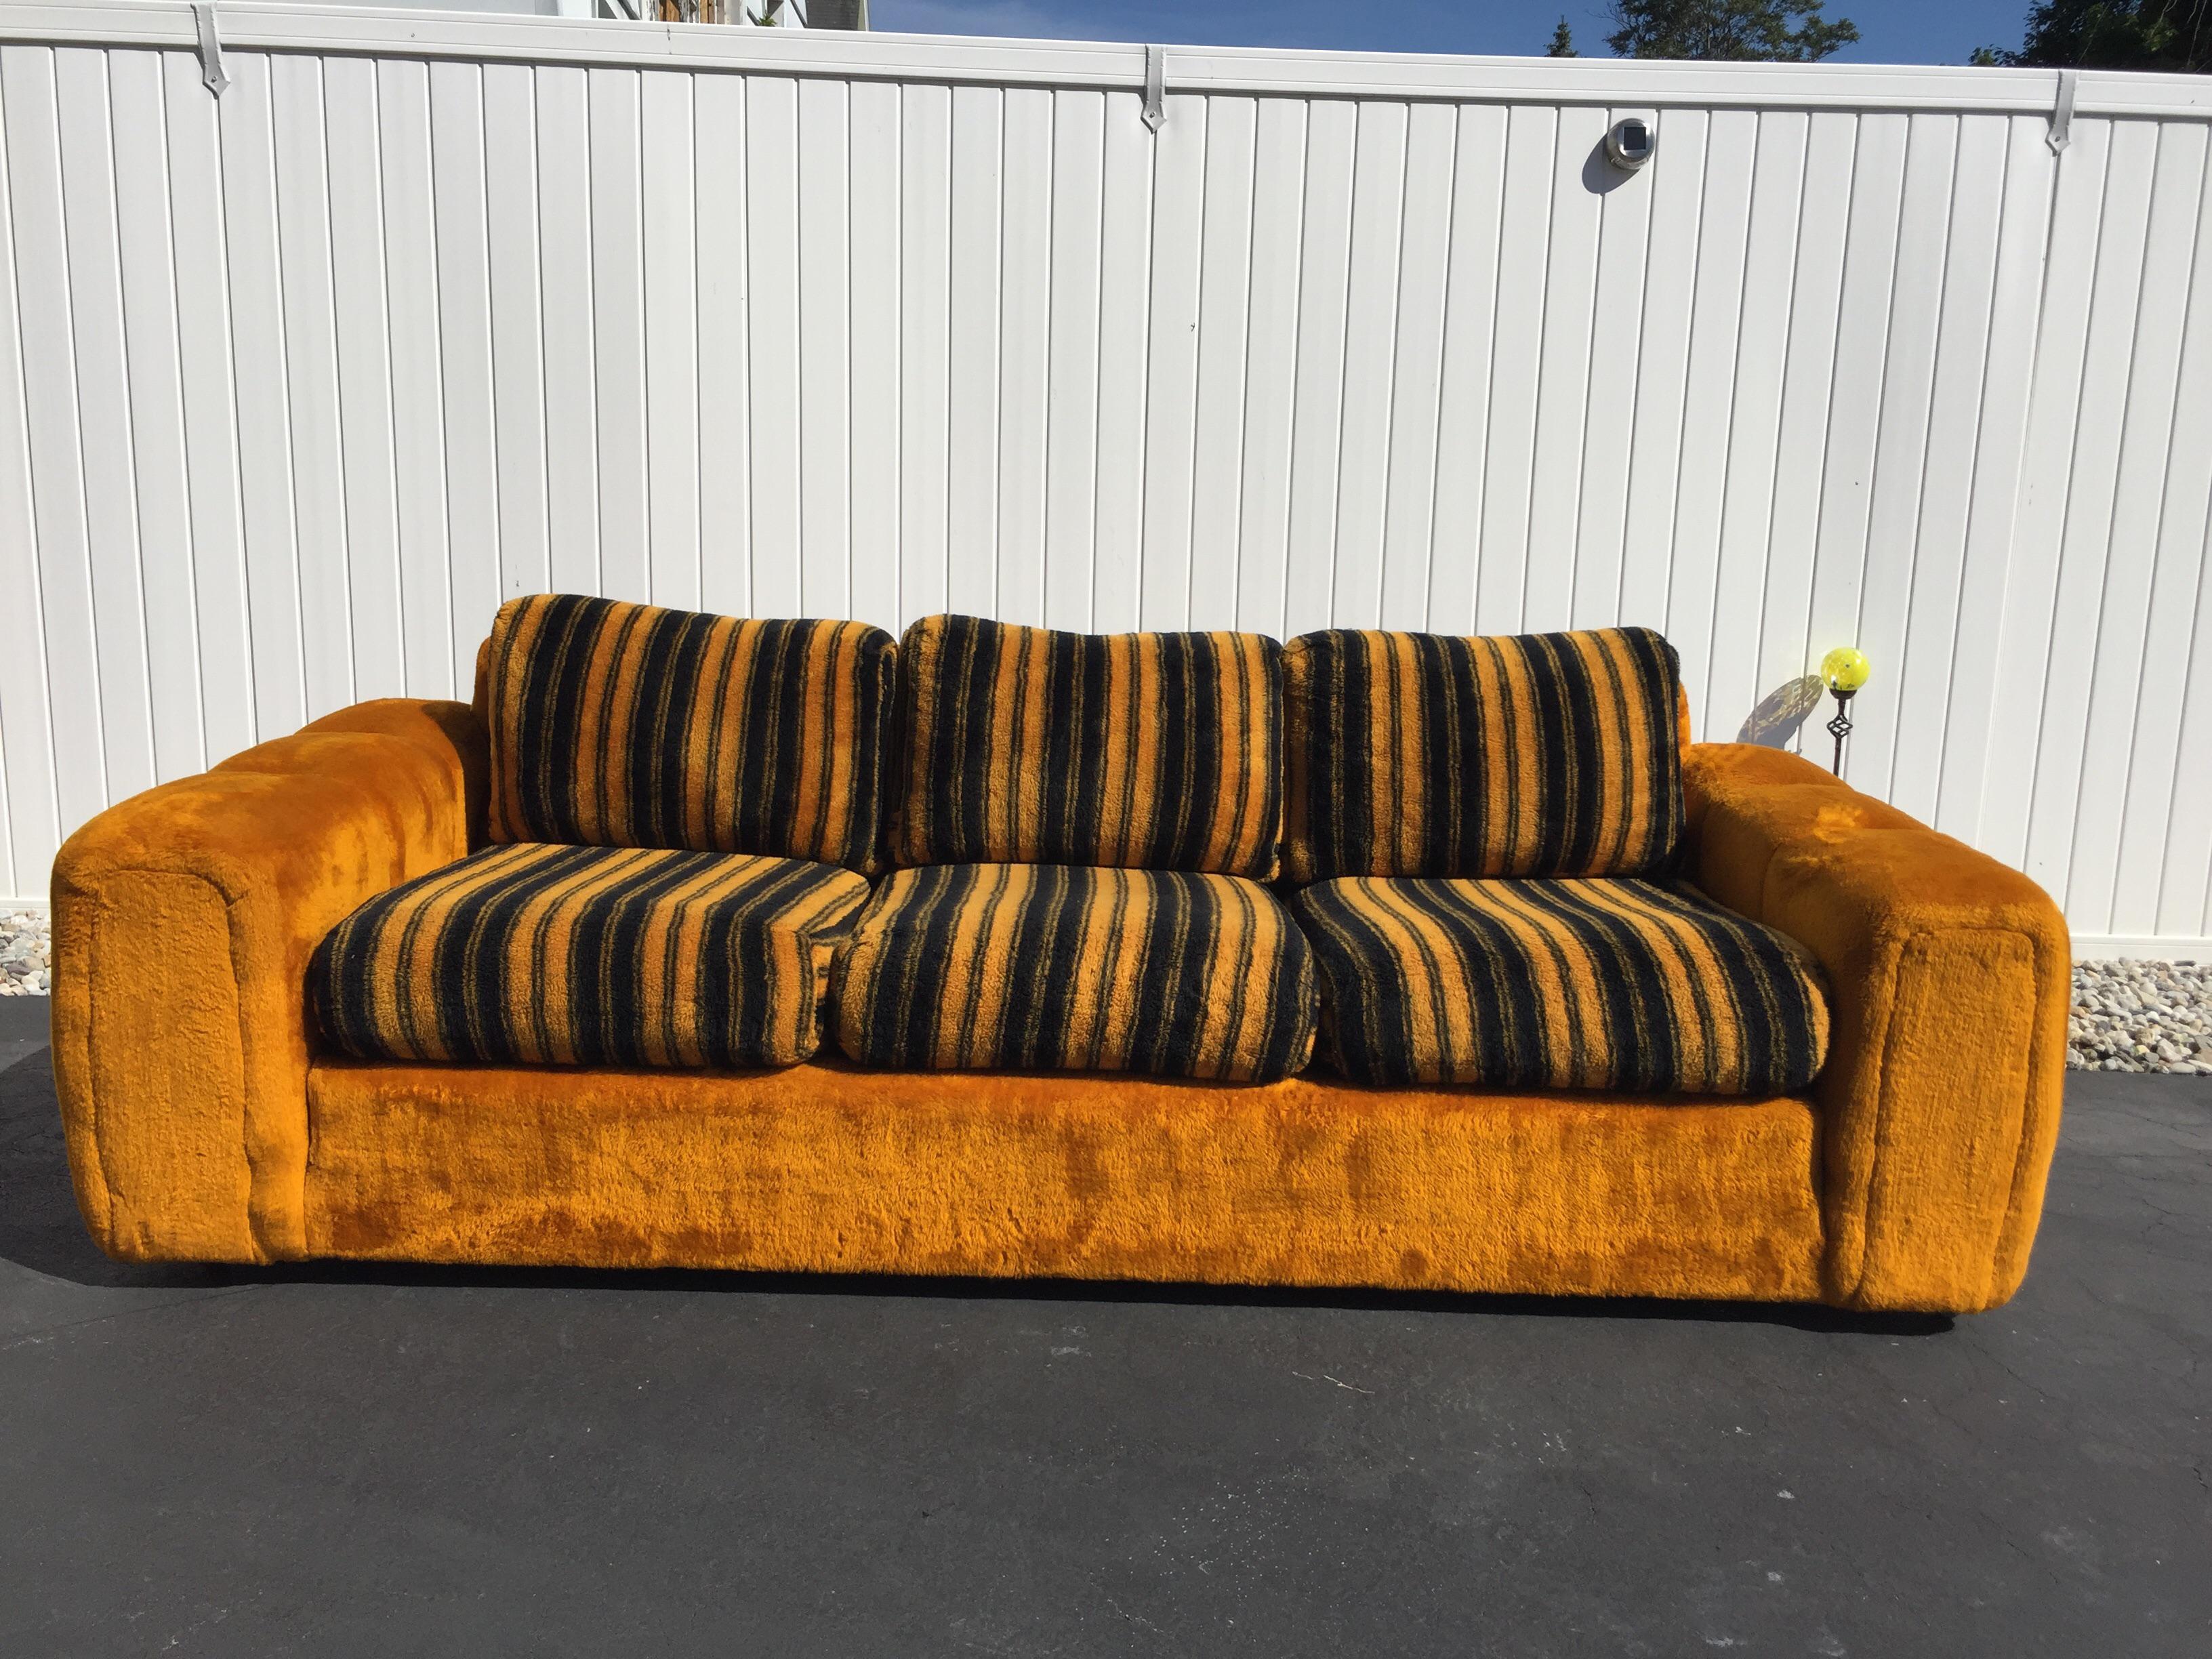 Charming Vintage Schweiger Orange Gold Faux Fur Sofa   Image 2 Of 11